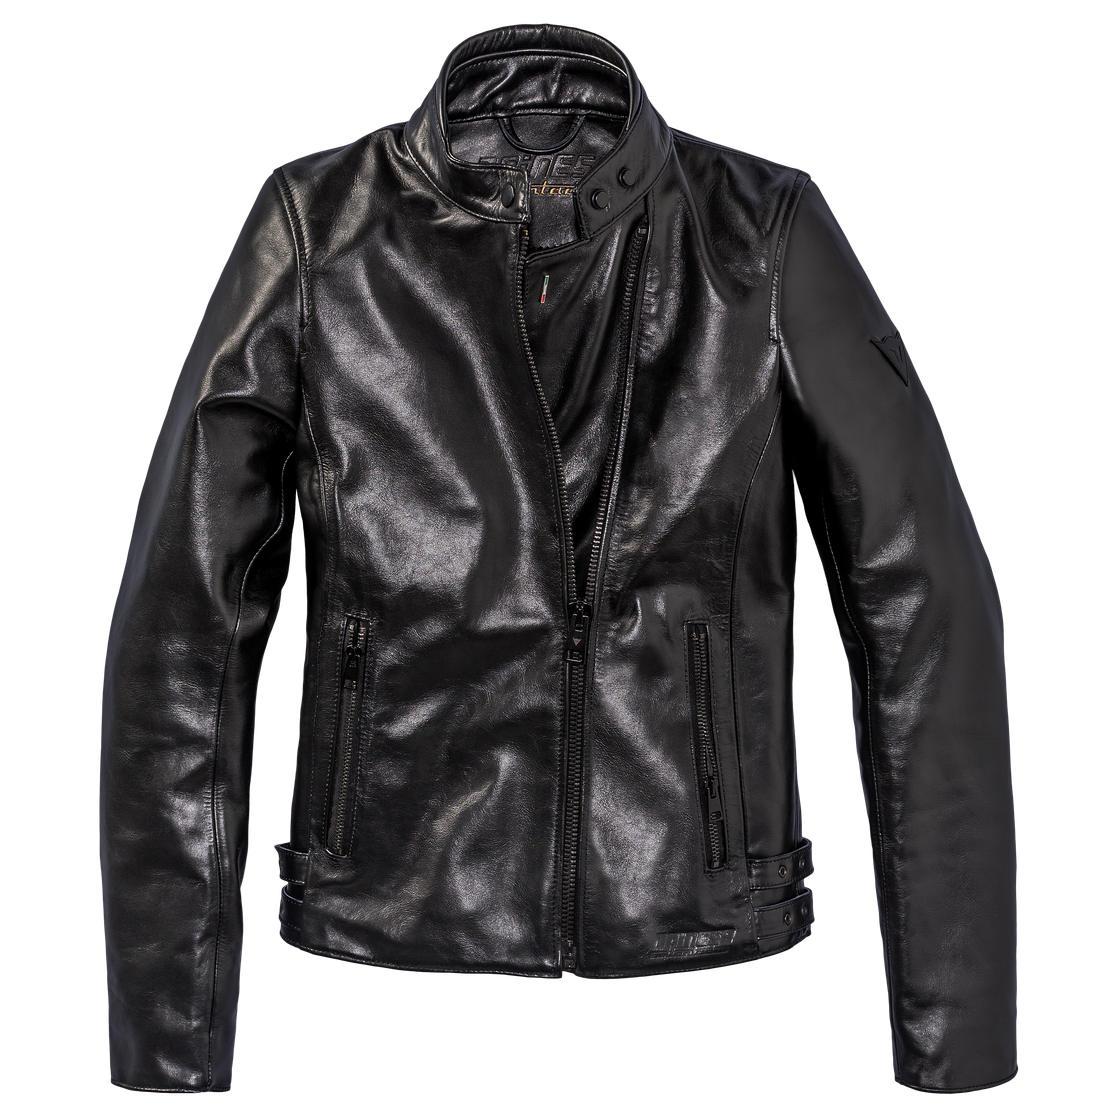 blouson cuir dainese chiodo72 noir lady japauto accessoires equipement pilote pour moto et. Black Bedroom Furniture Sets. Home Design Ideas